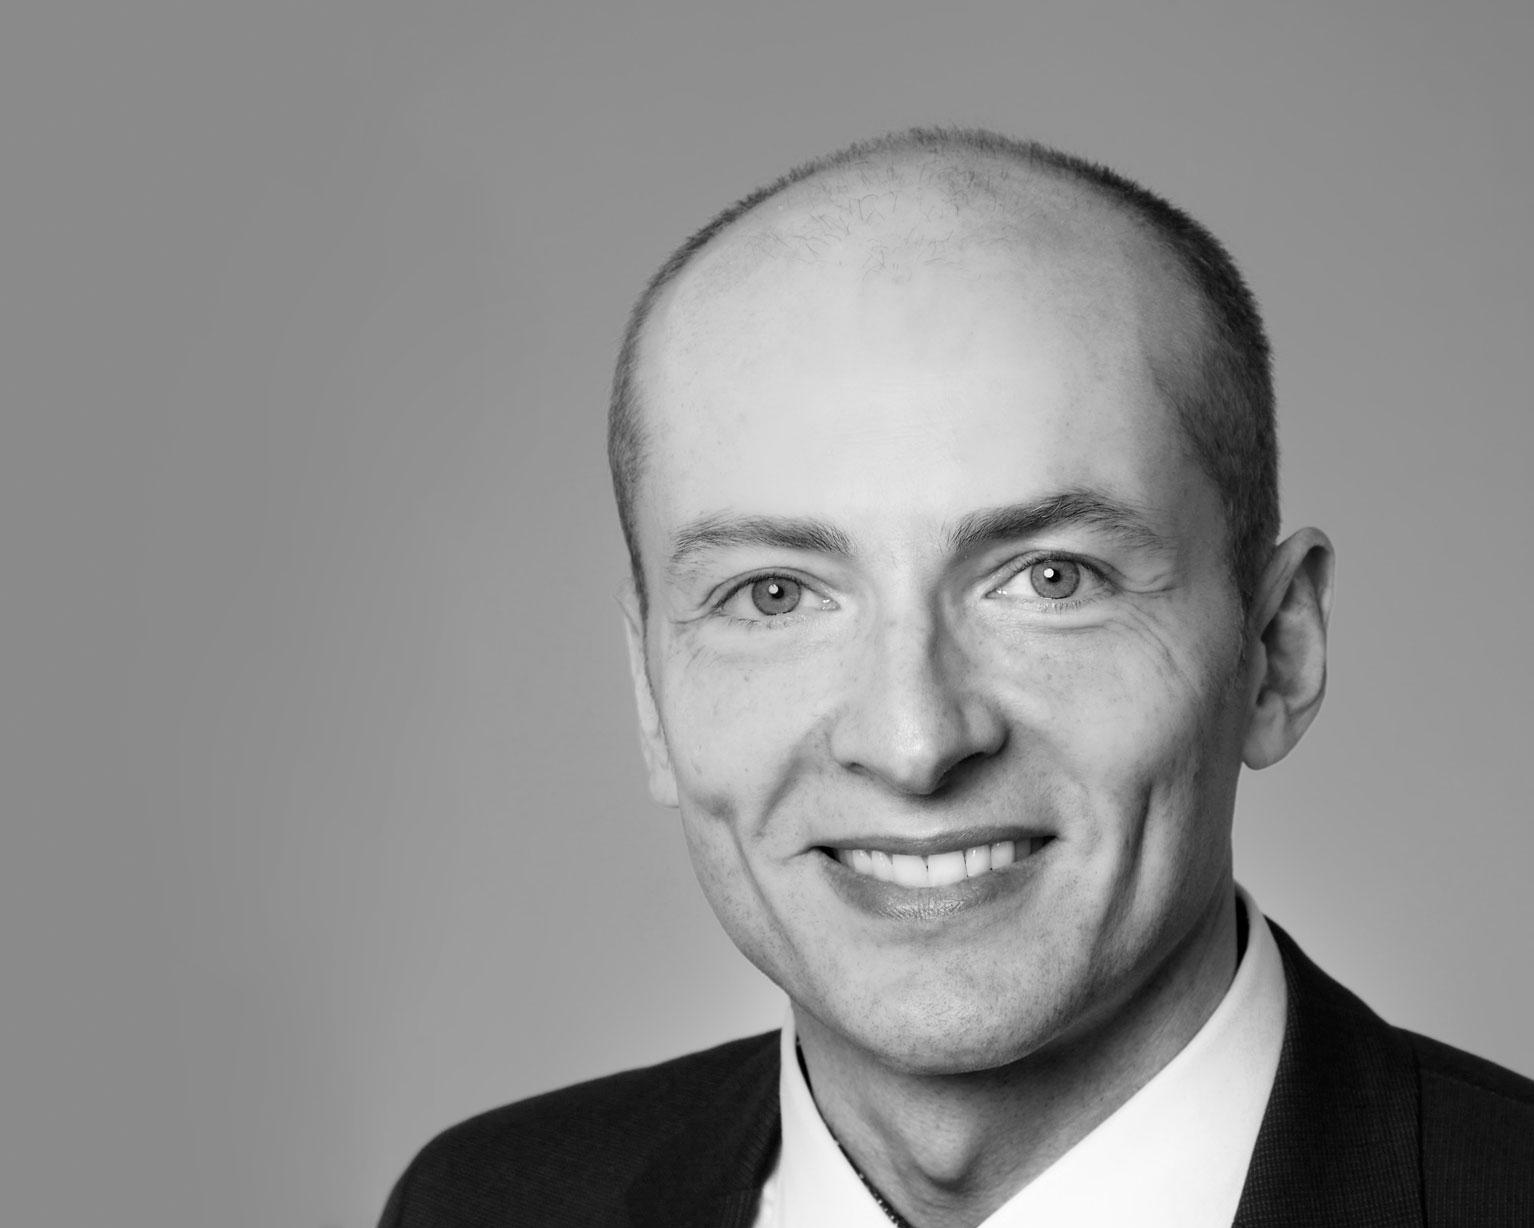 Markus Lieberherr